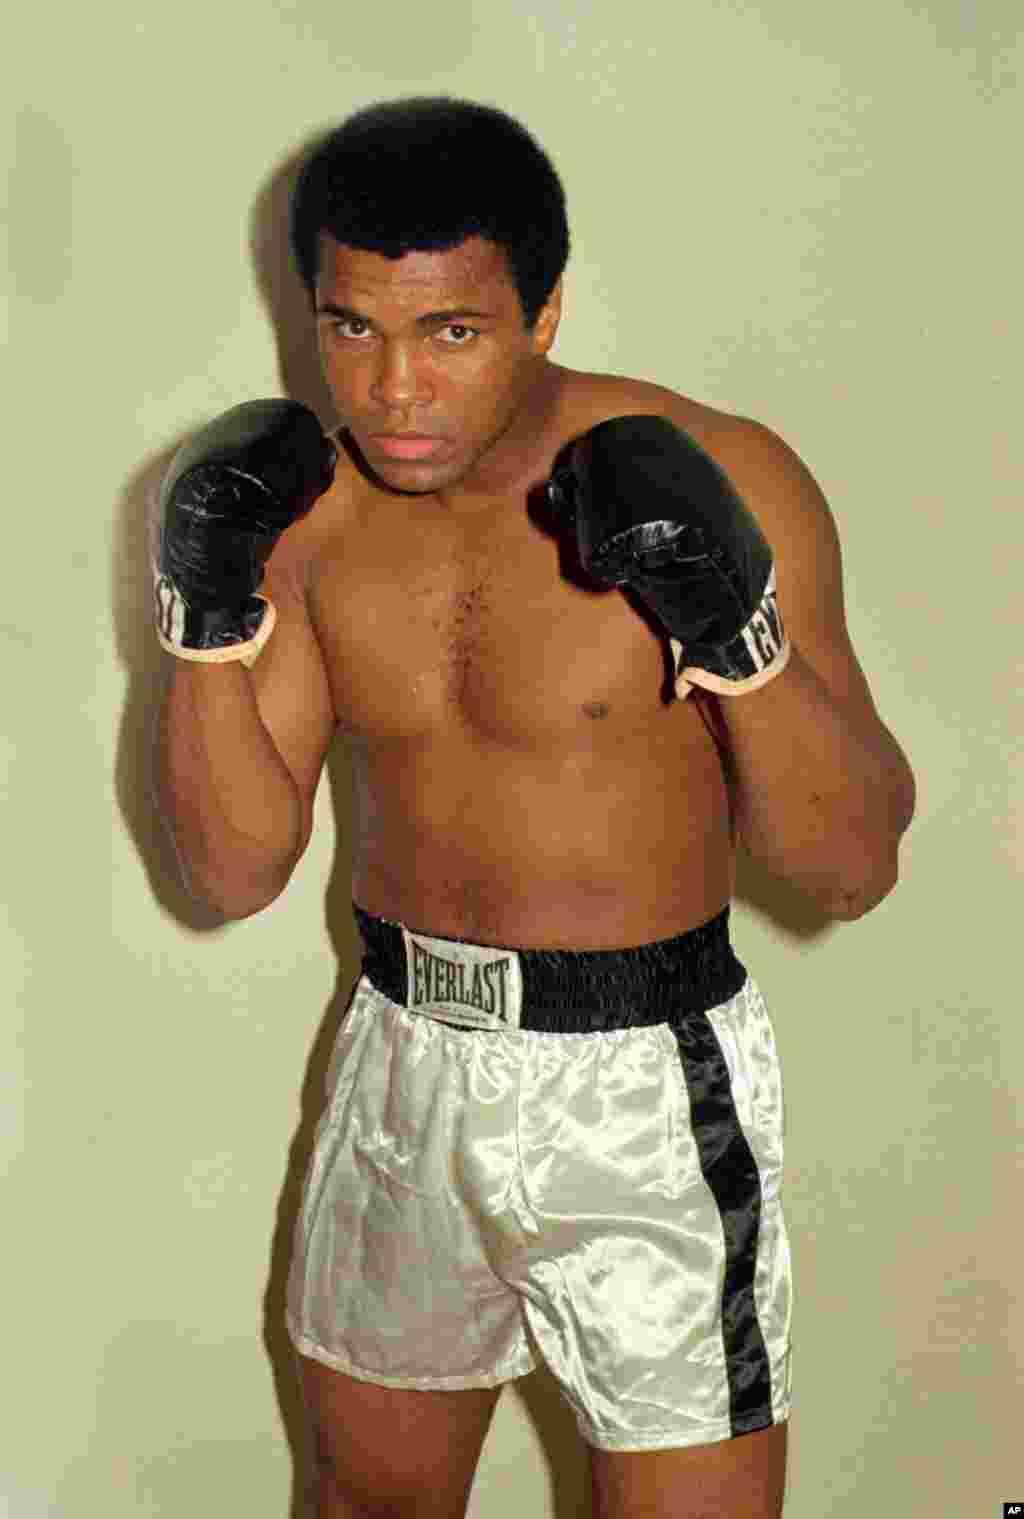 بعد از محرومیت طولانی او در حال تمرین در ۱۹۷۴.